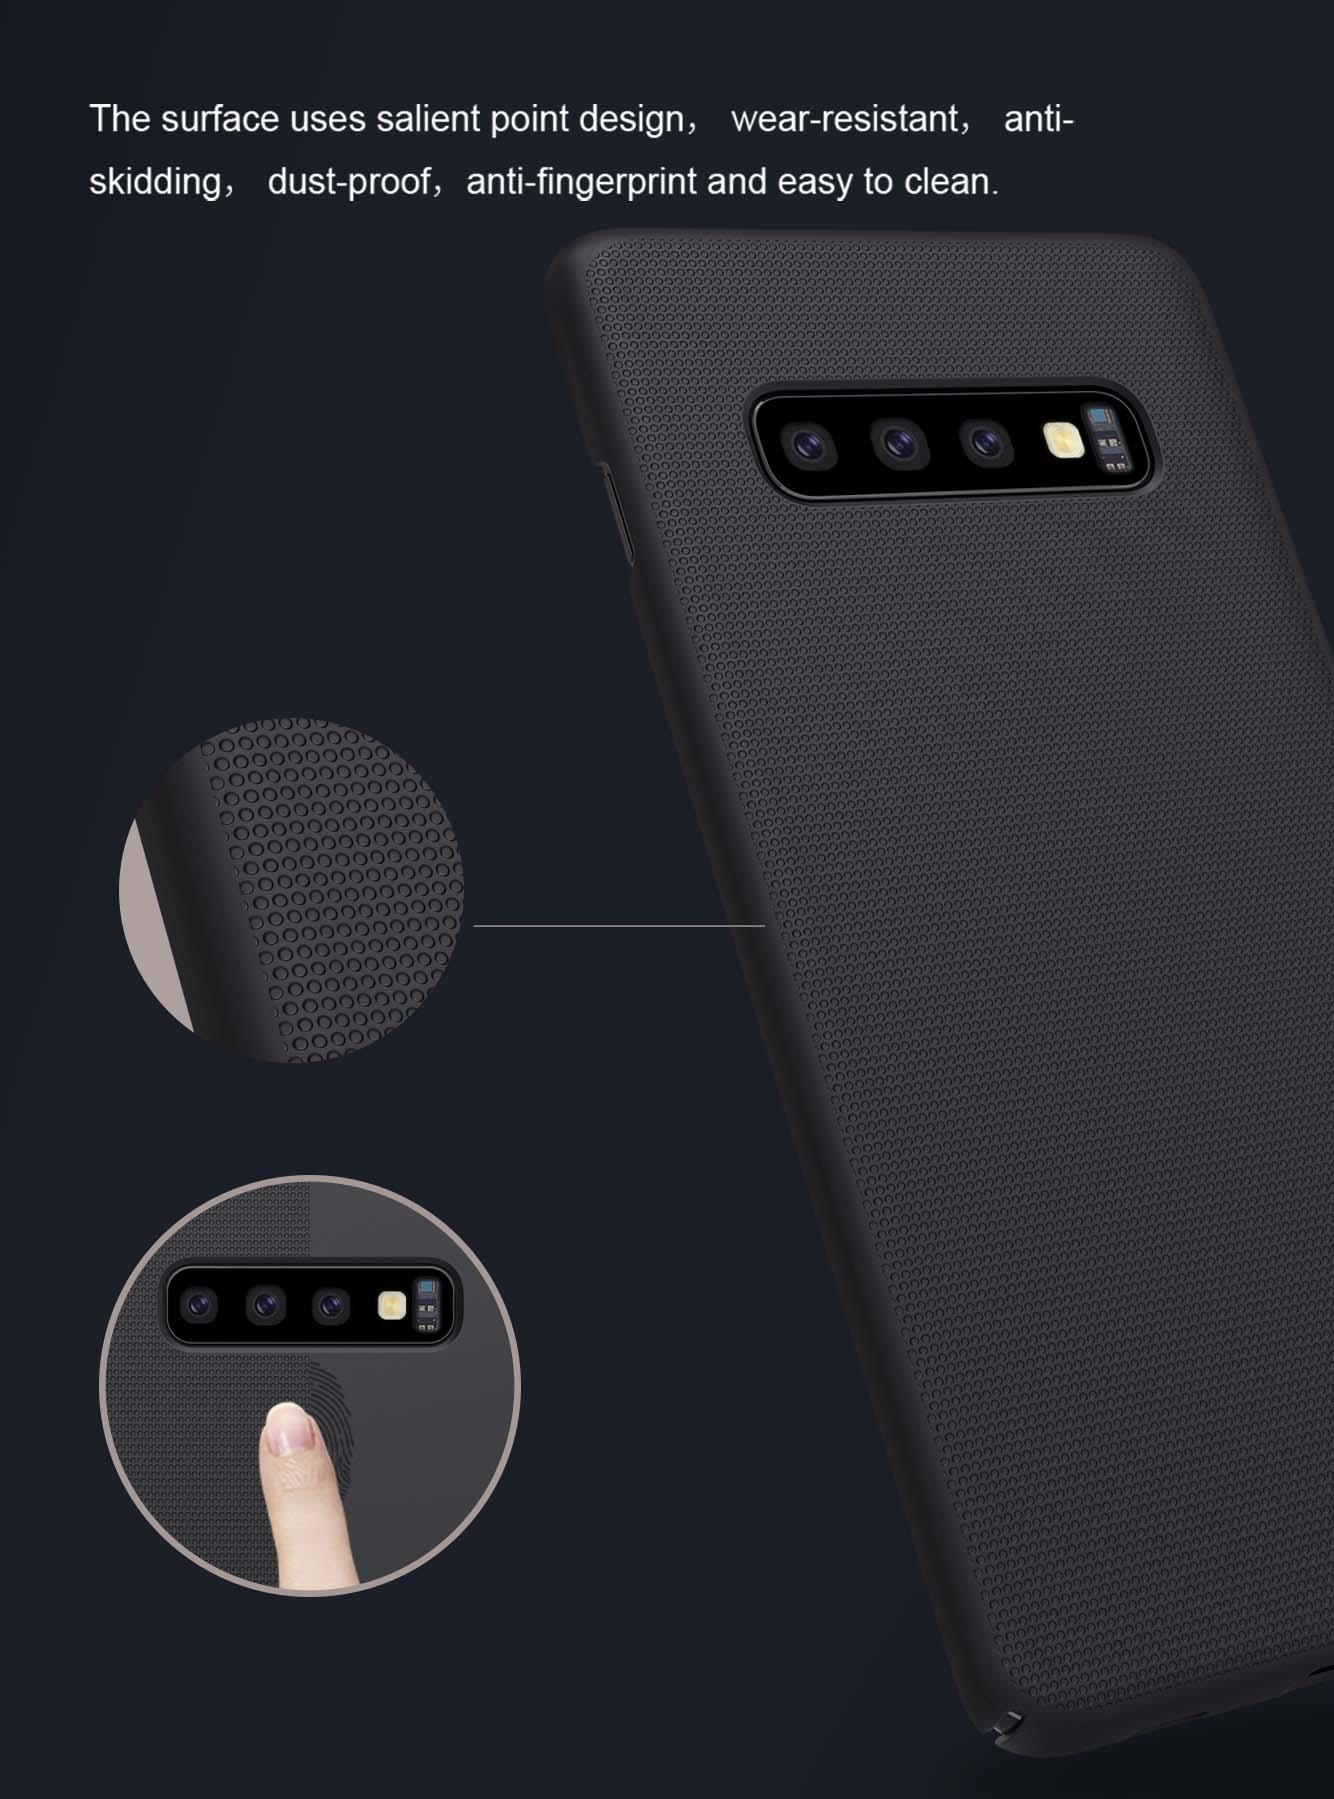 Samsung Galaxy S10 case